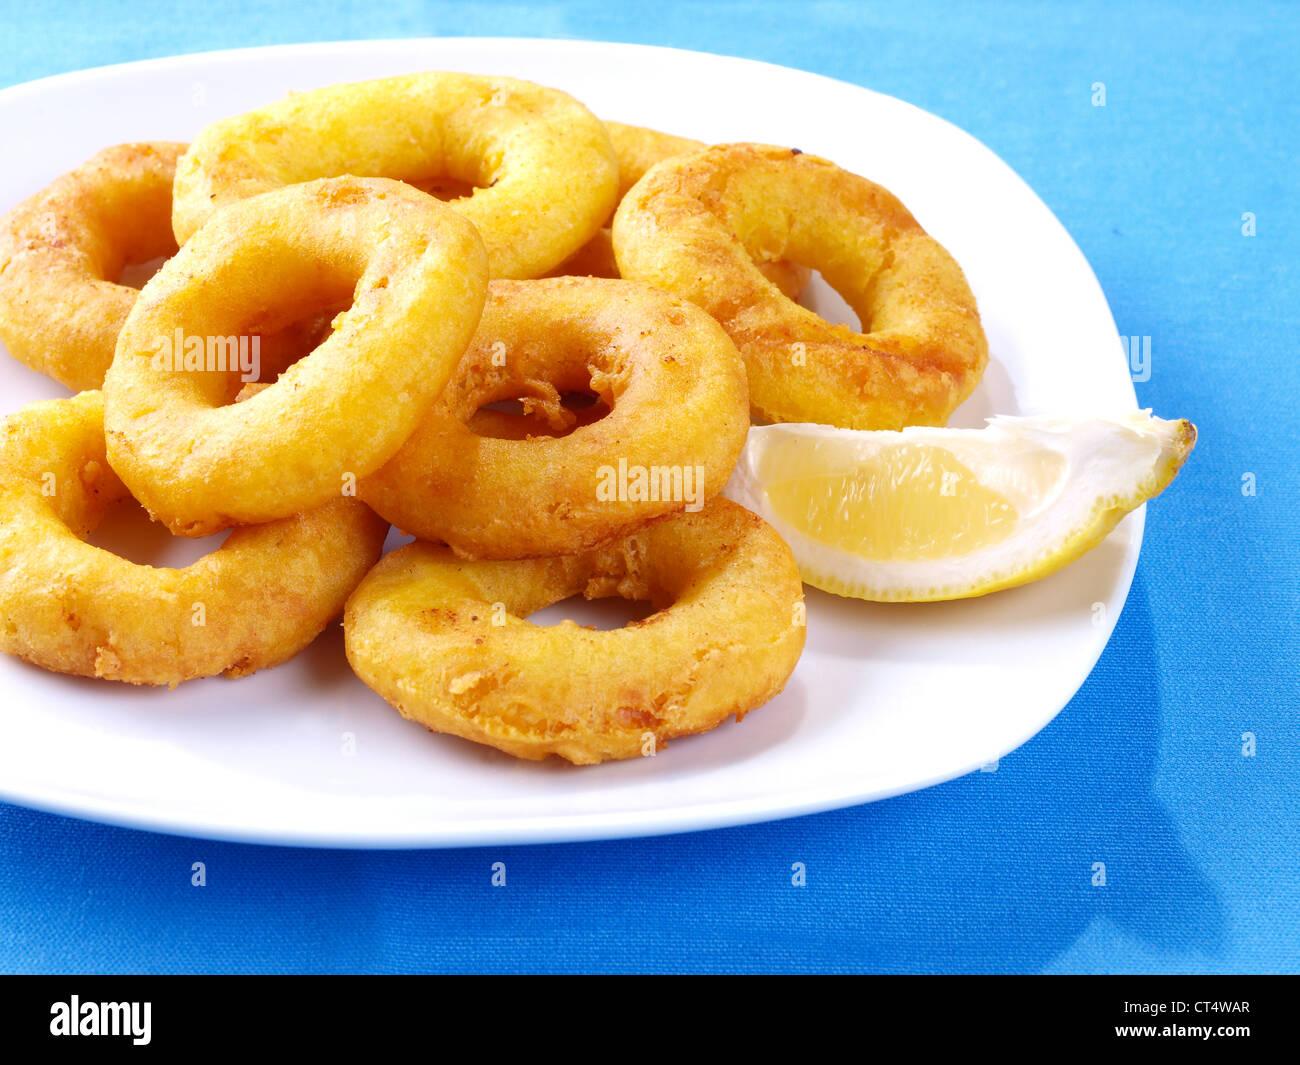 Calamares a la romana – Fried Calamari - Stock Image